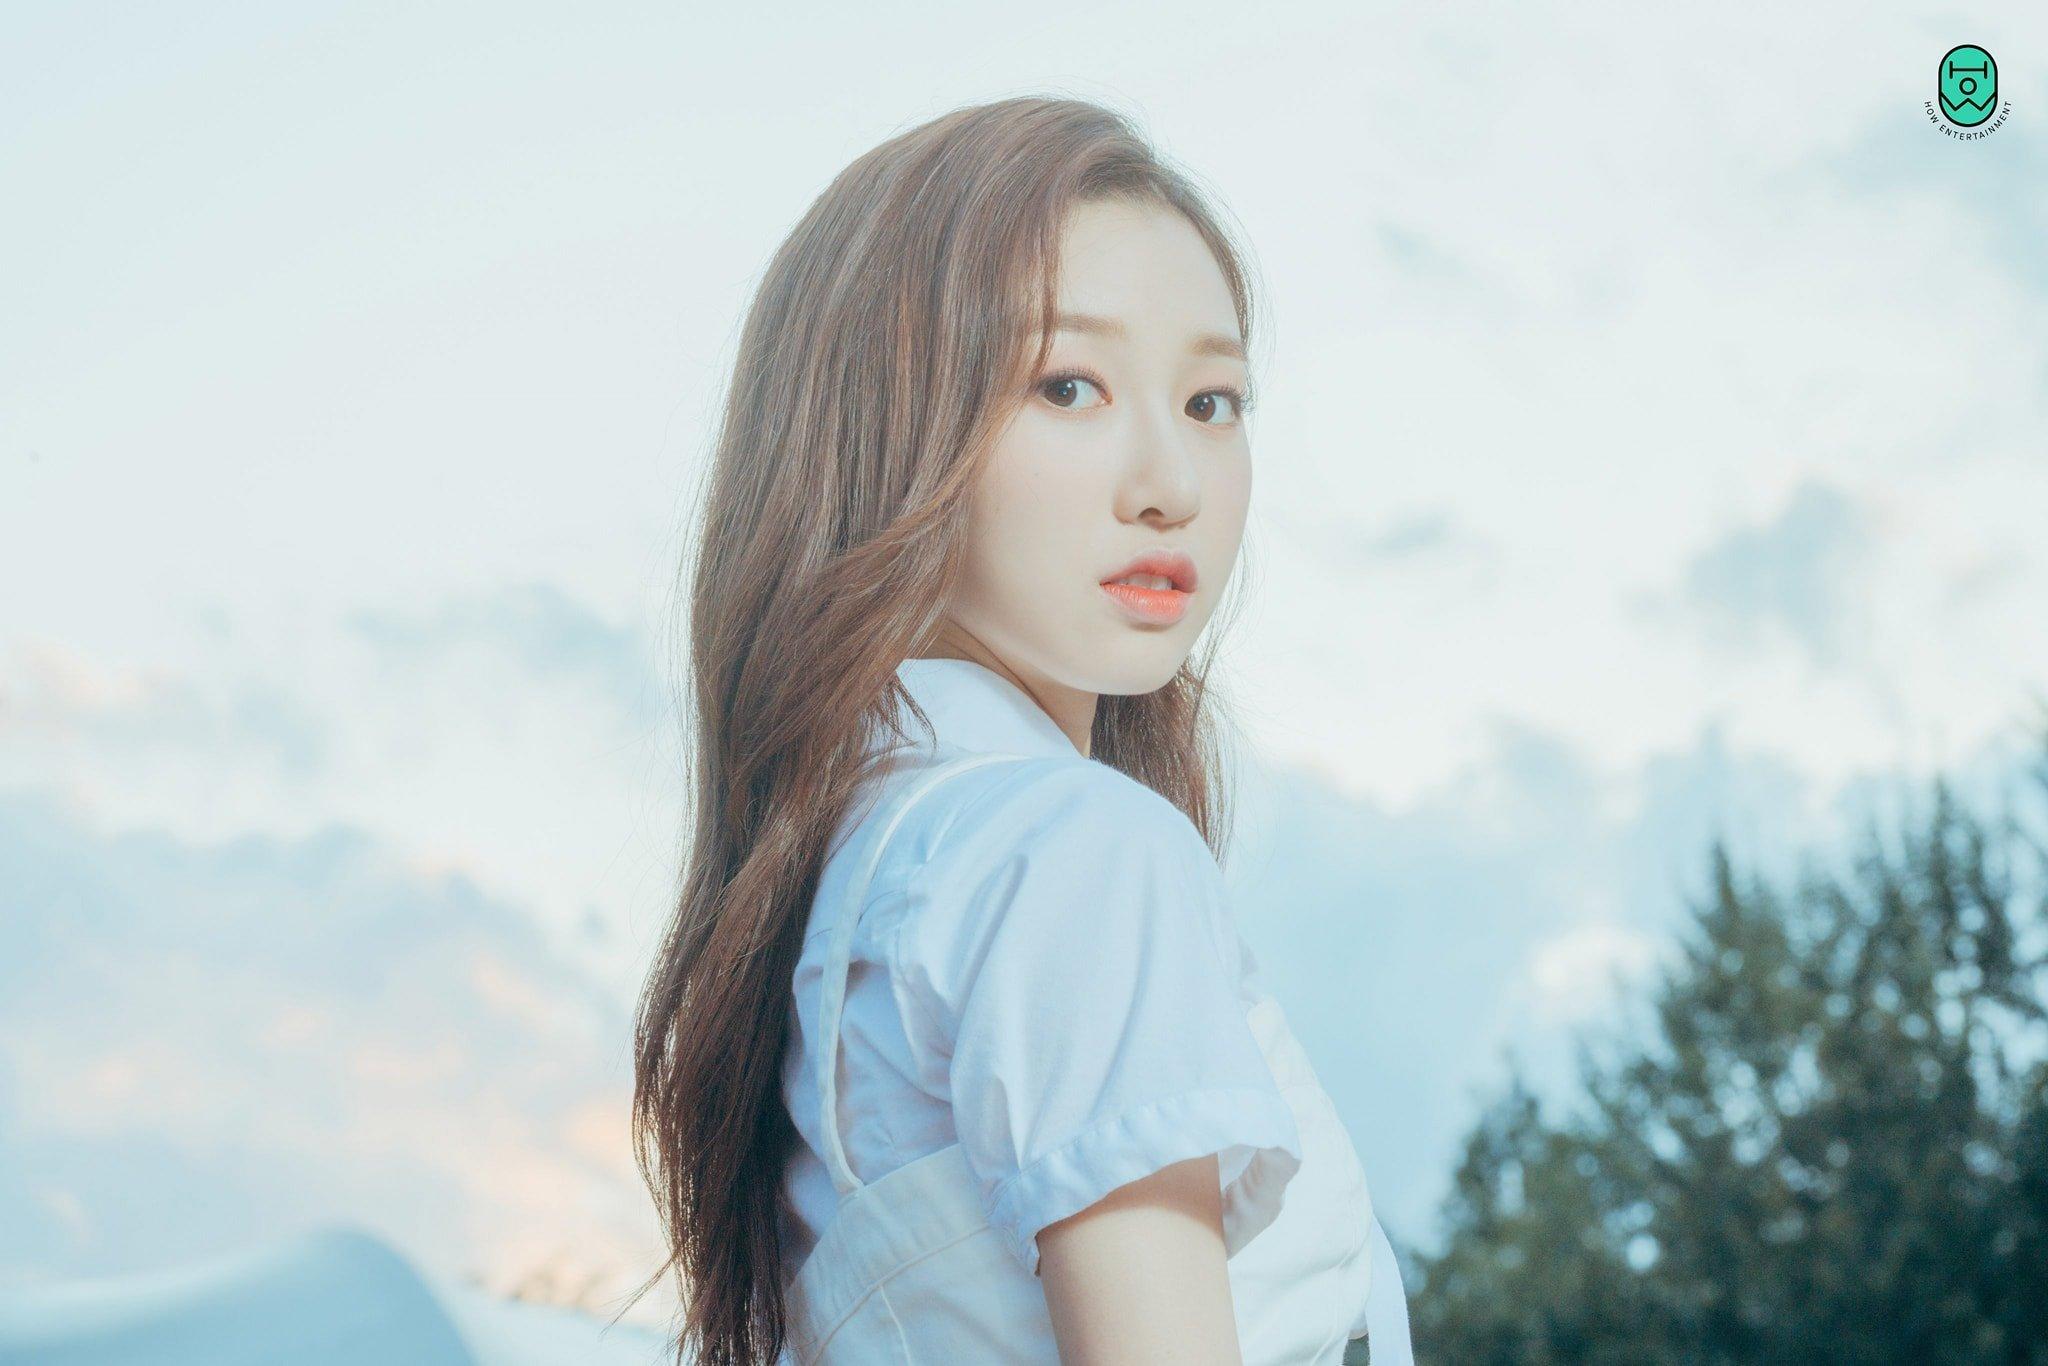 Phim của Jung Hae In bị cắt 4 tập vì lượng người xem thấp kỷ lục